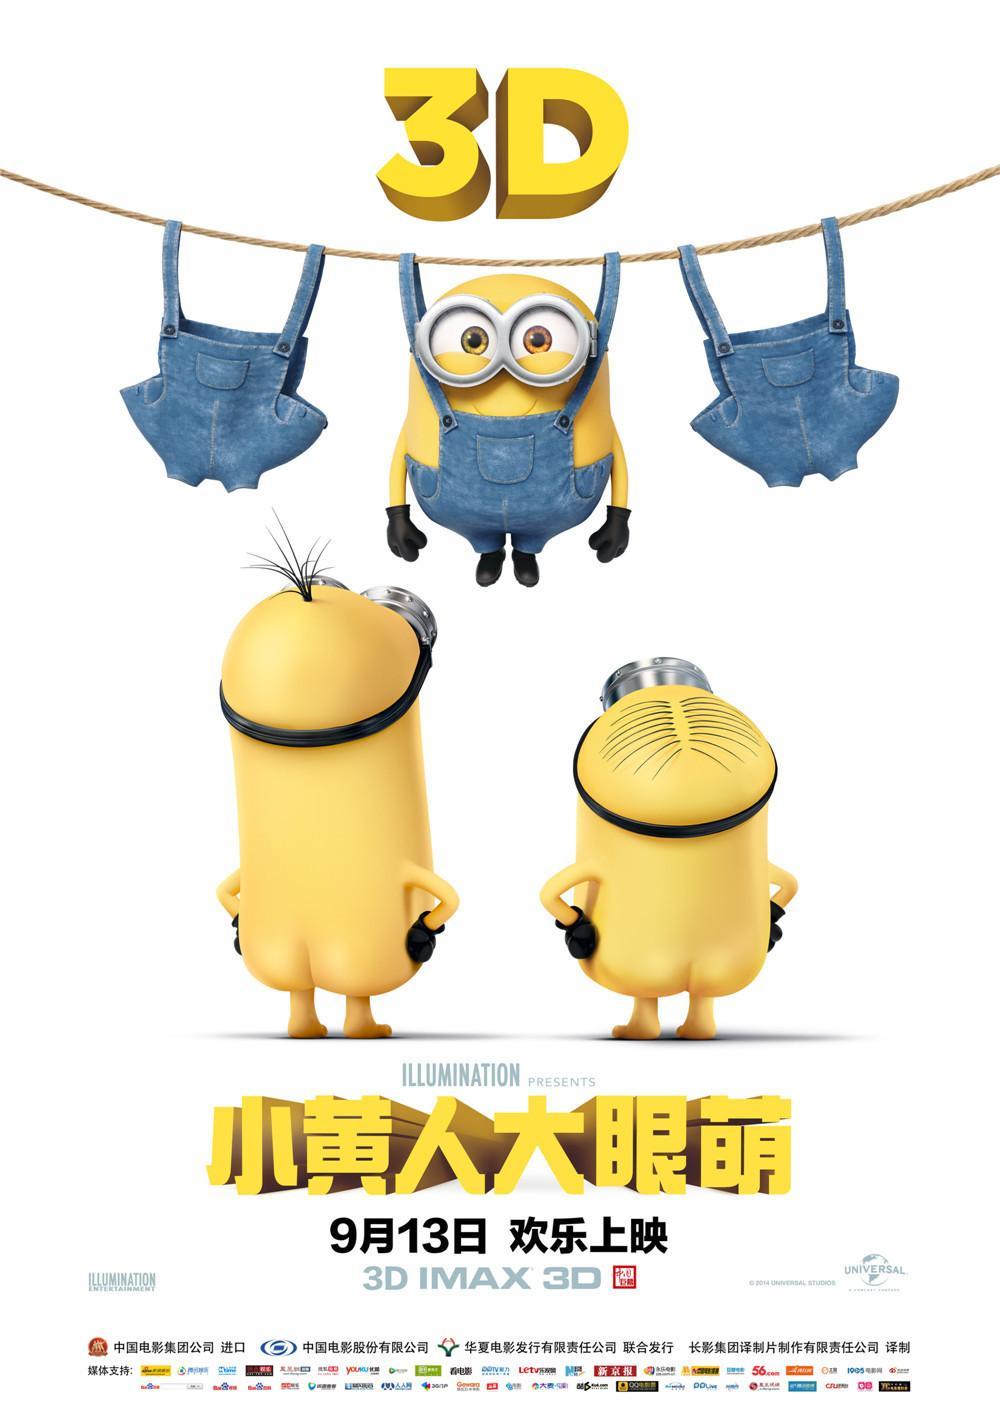 小黄人大眼萌 Minions1080p (2015)百度云迅雷下载